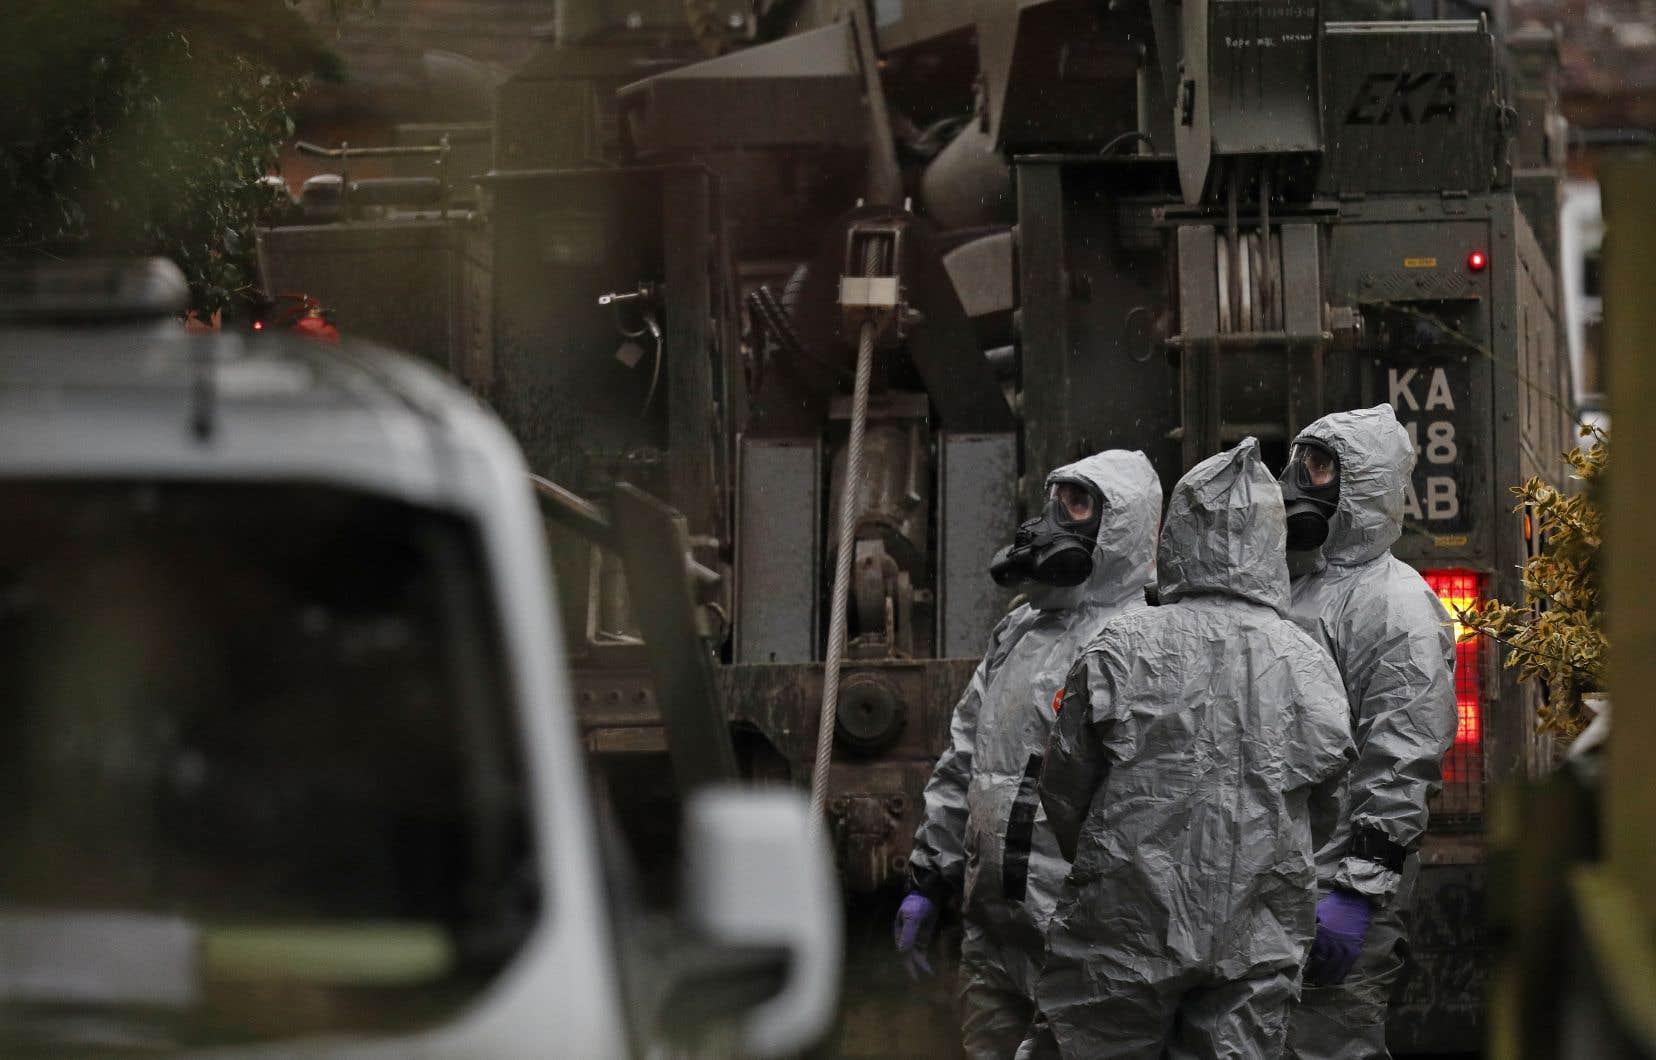 Le 7mars, la police a révélé que Sergueï Skripal et sa fille ont été empoisonnés par un agent innervant, une arme chimique hautement toxique.